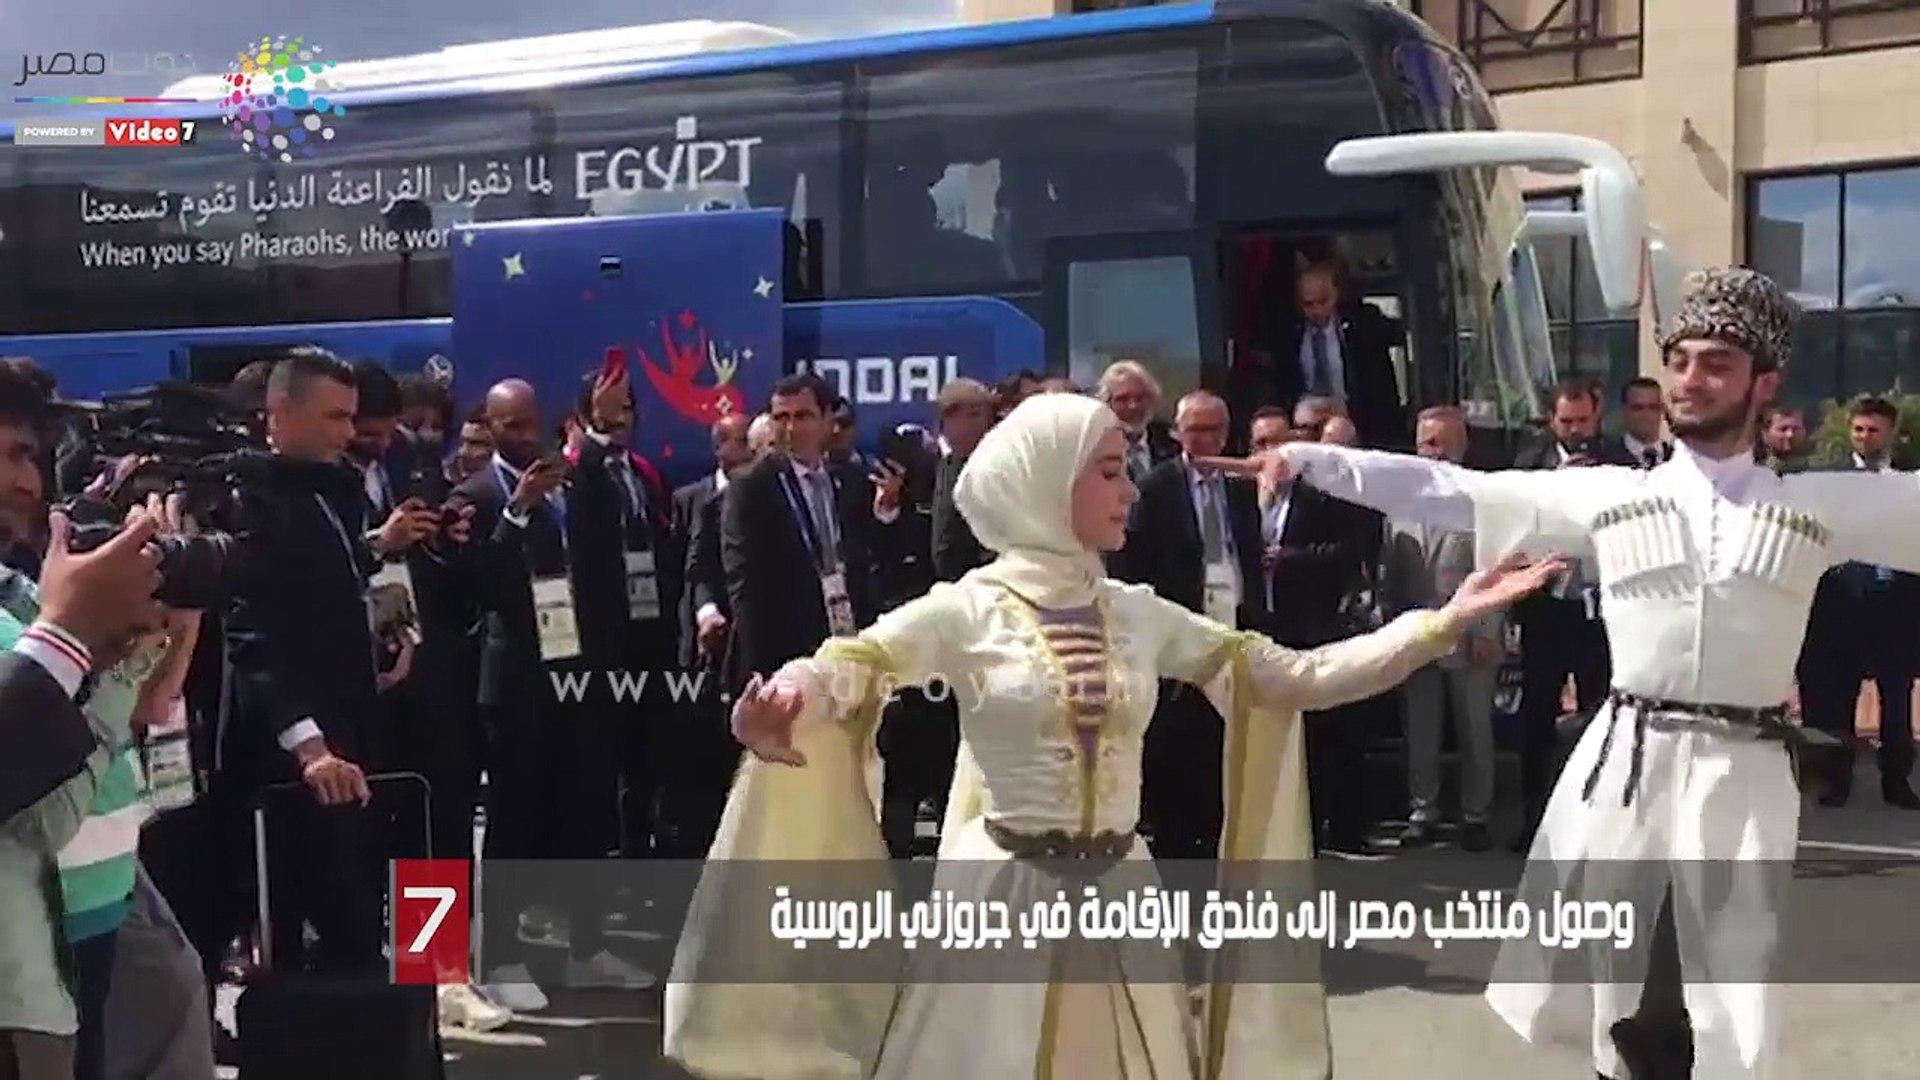 وصول منتخب مصر إلى فندق الإقامة في جروزني الروسية